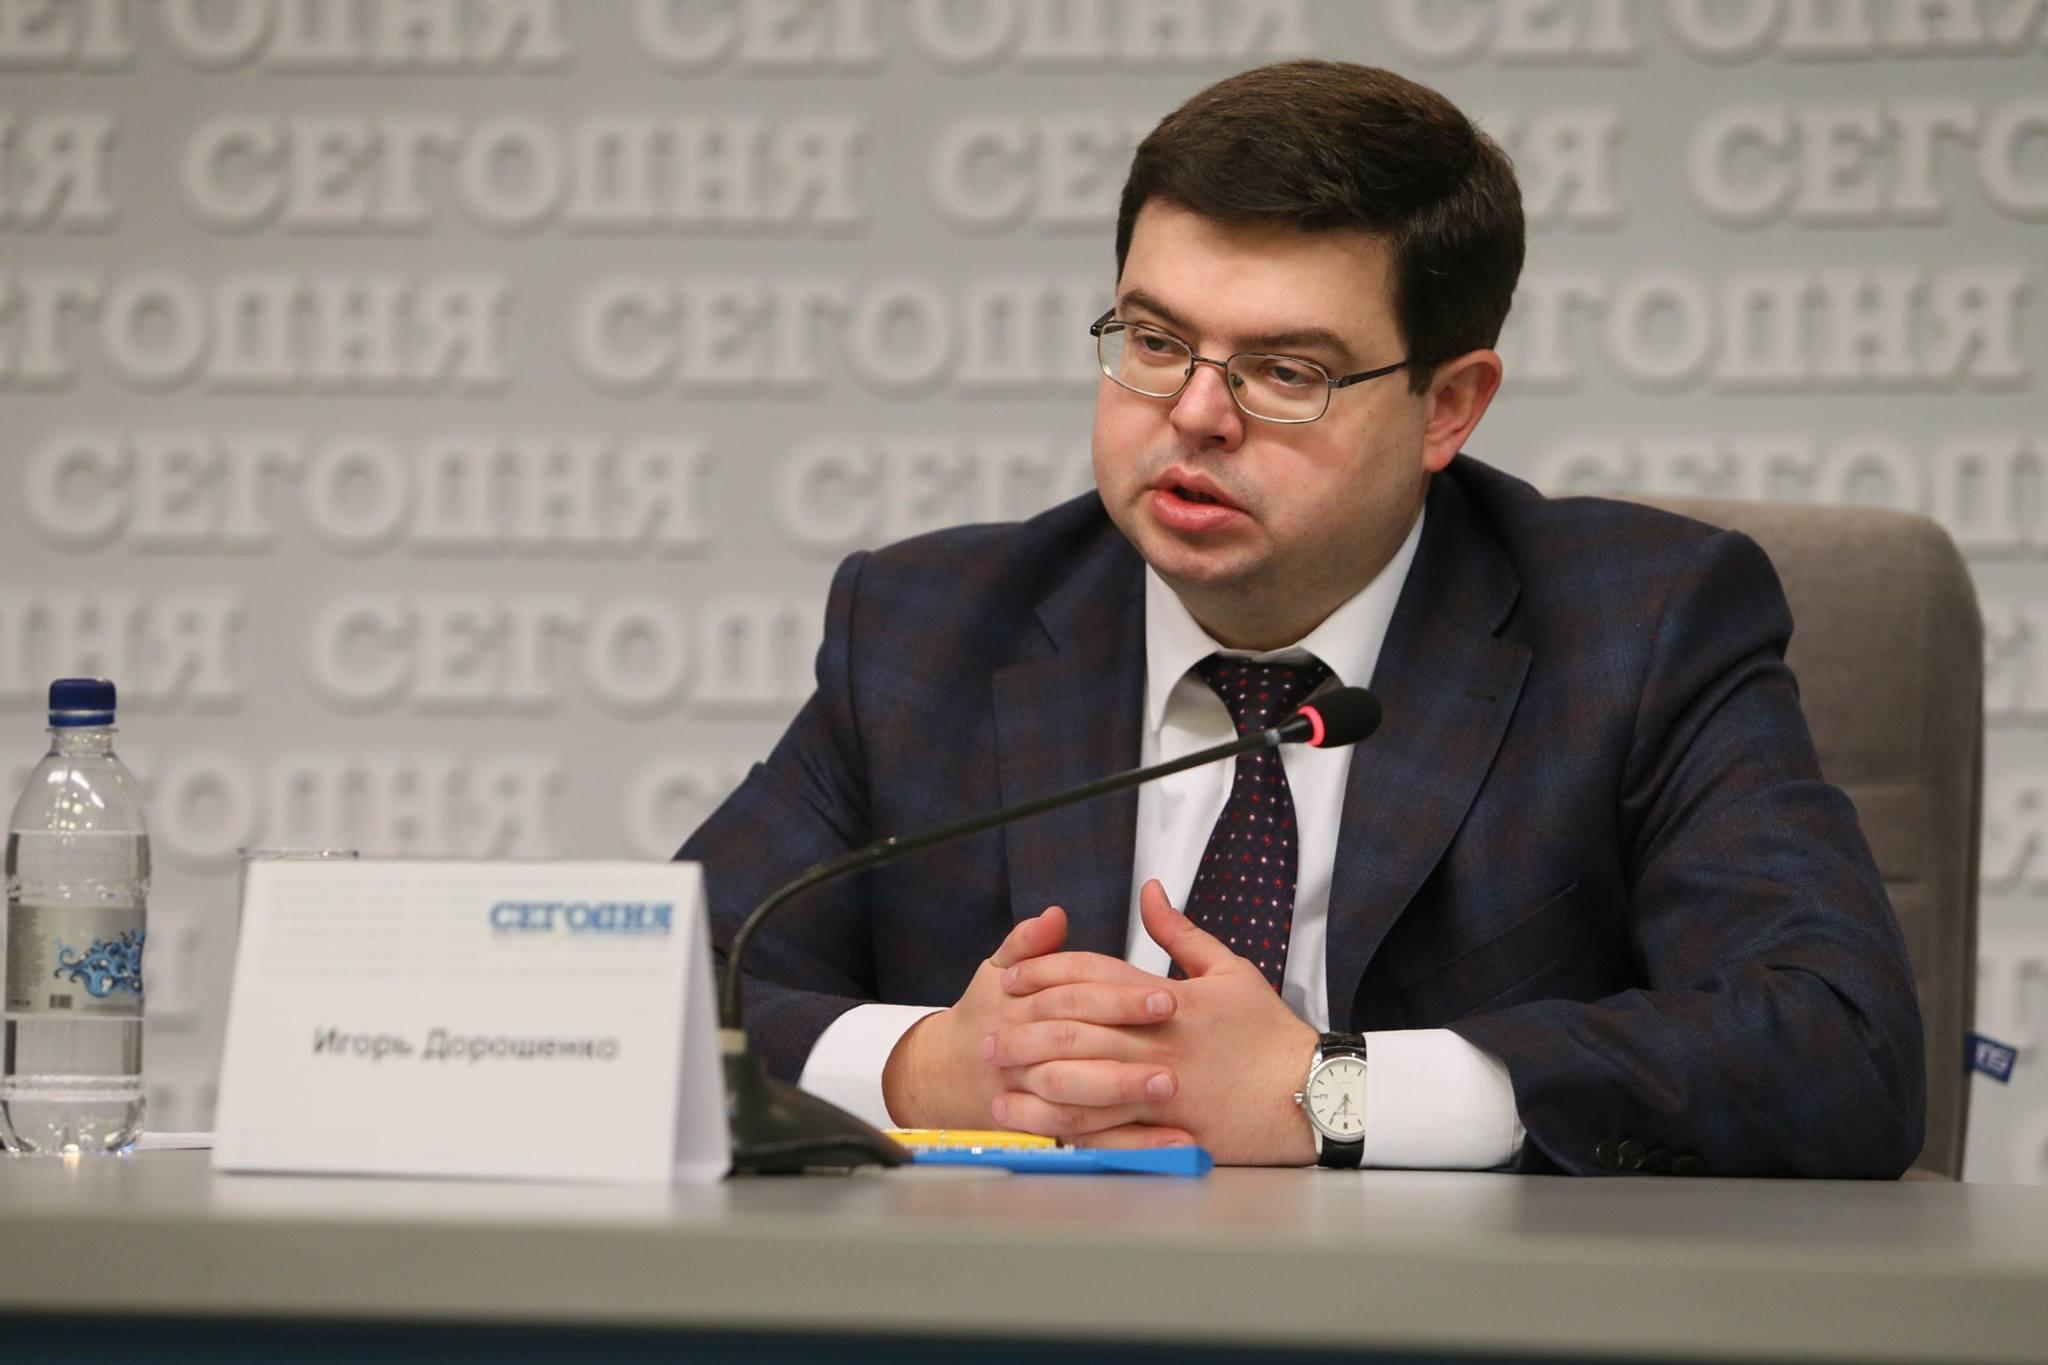 Игорь Дорошенко. Фото из Фейсбук